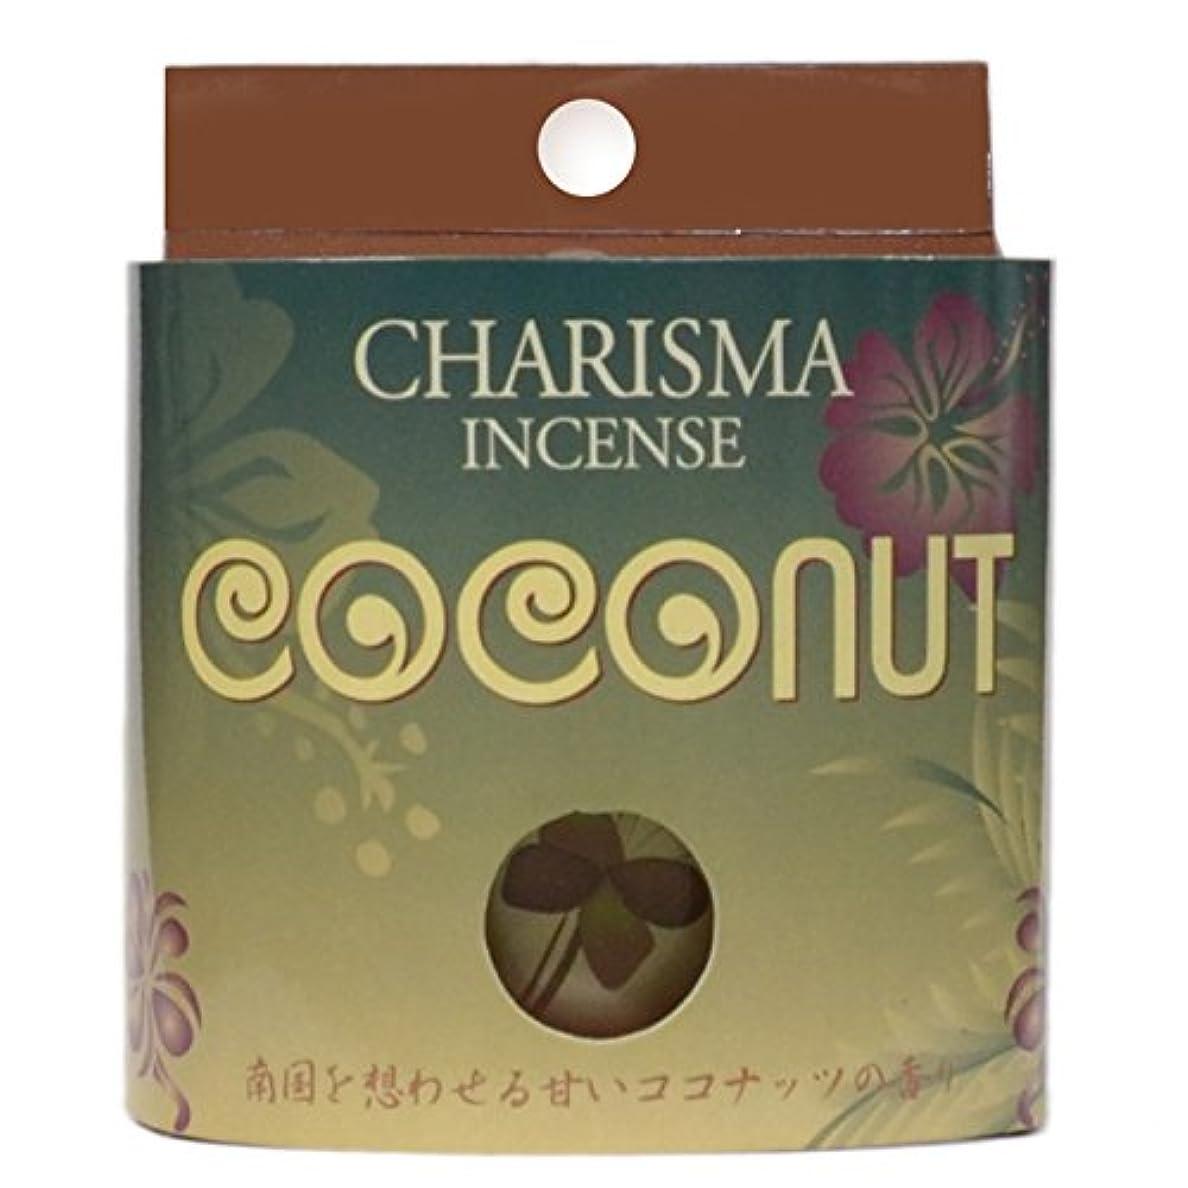 ご覧ください彫る錆びカリスマインセンスコーン ココナッツ